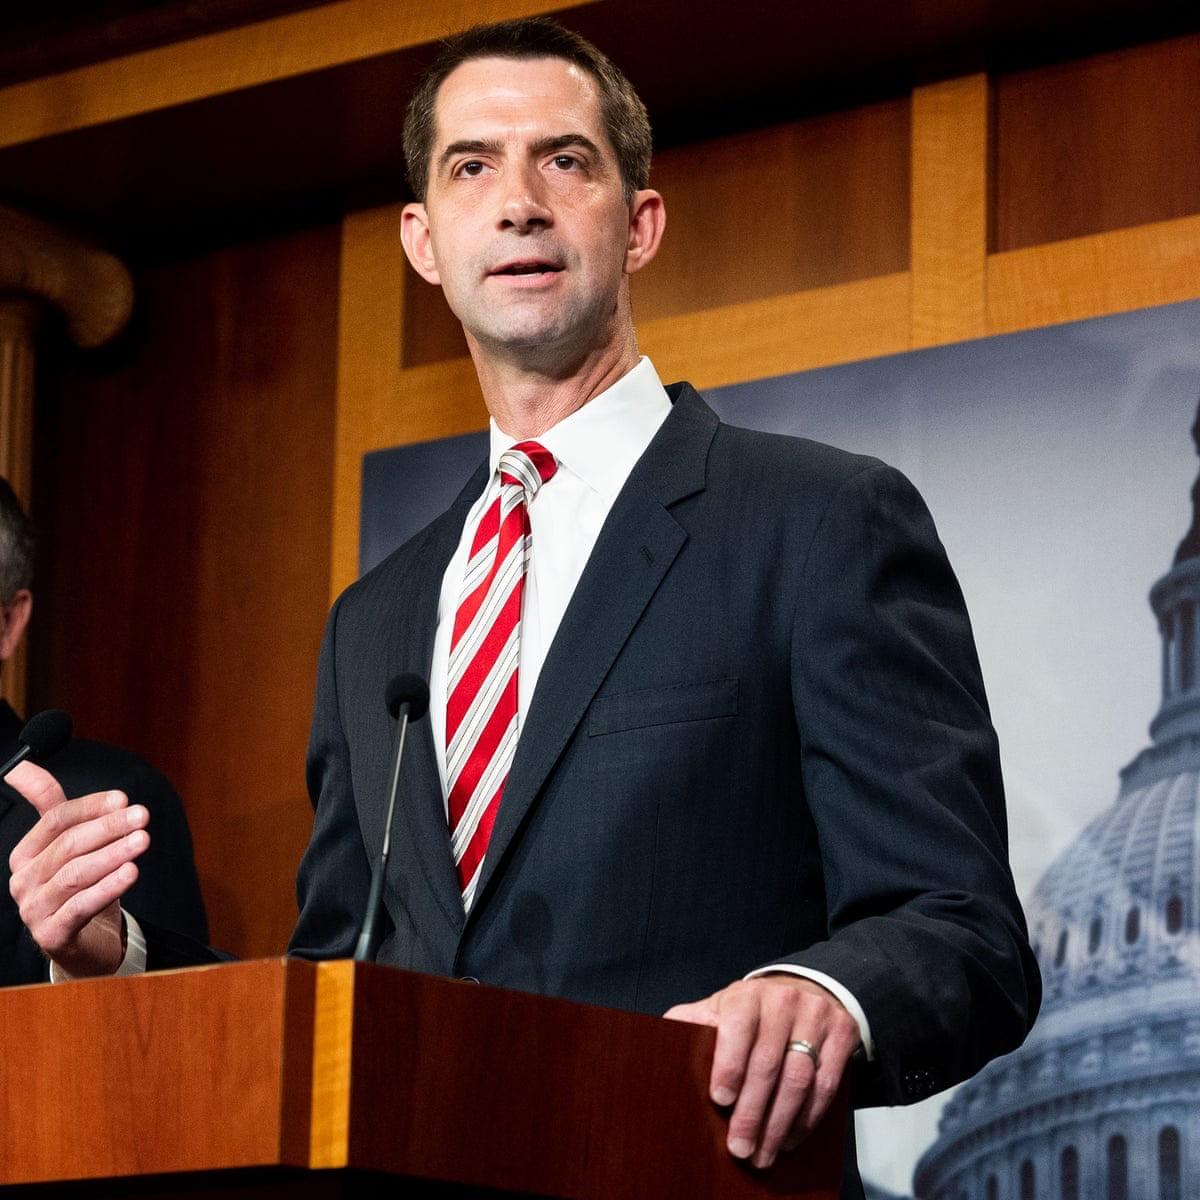 被中国制裁后,美国议员再出狂言  第2张